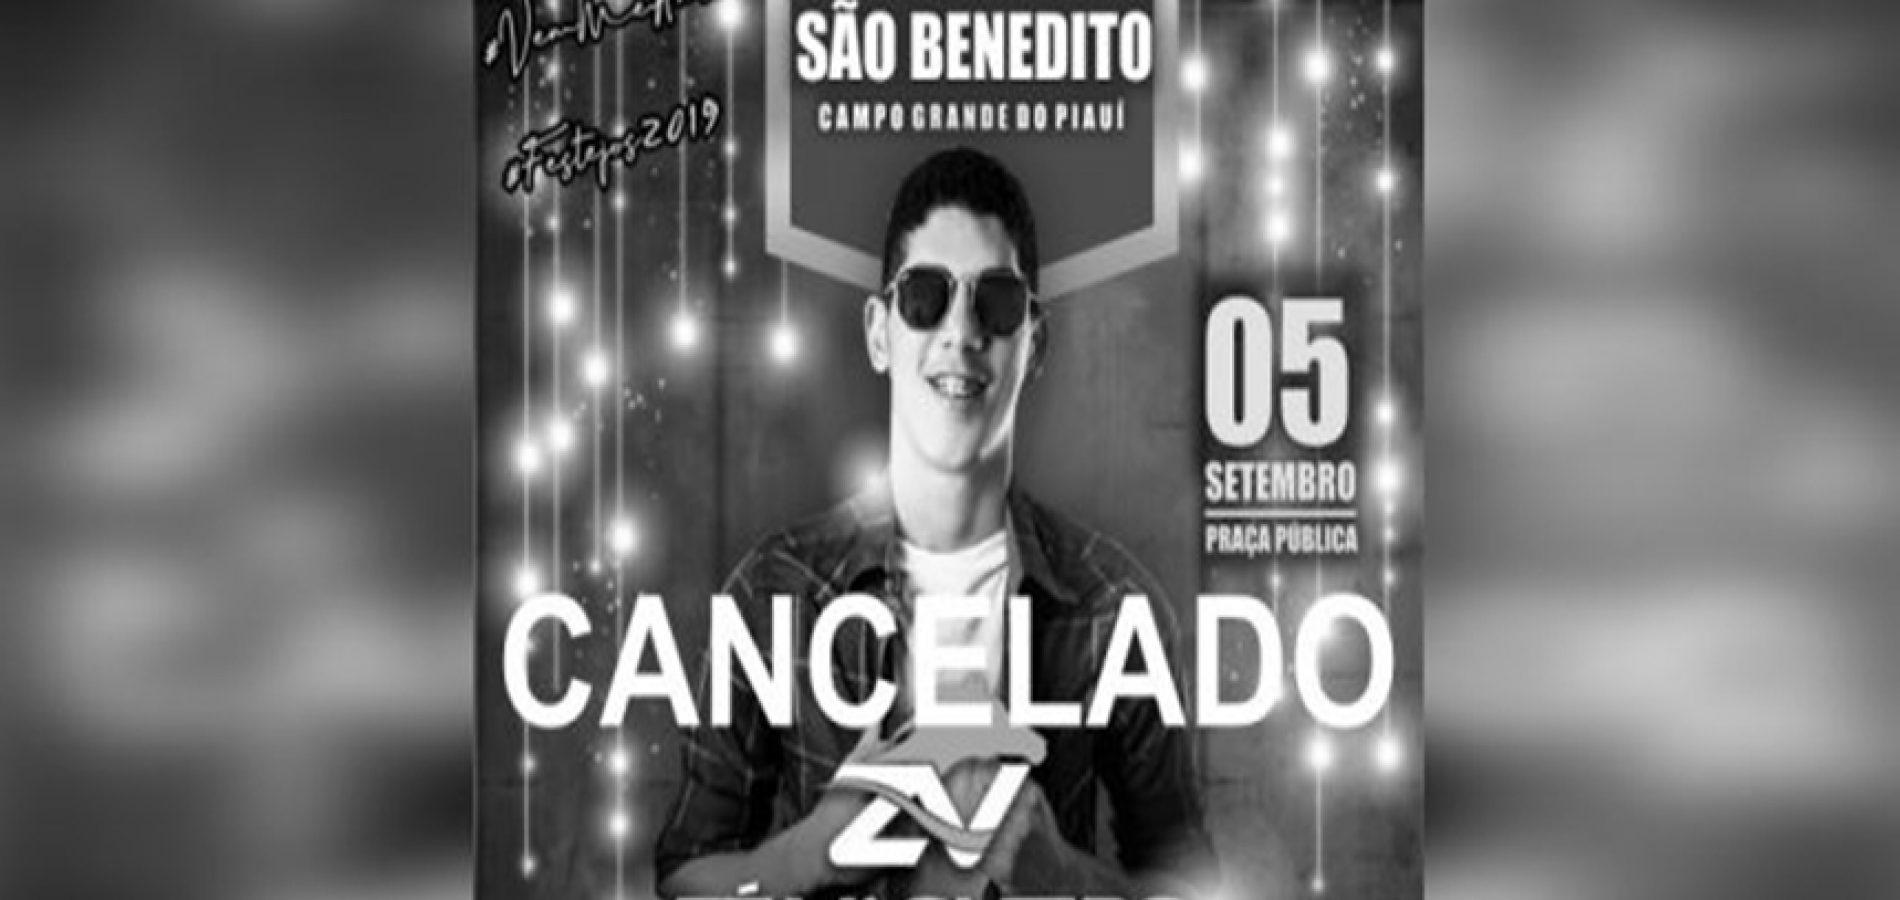 Prefeitura de Campo Grande do PI cancela festa após falecimento de jovem; Veja nota de esclarecimento!